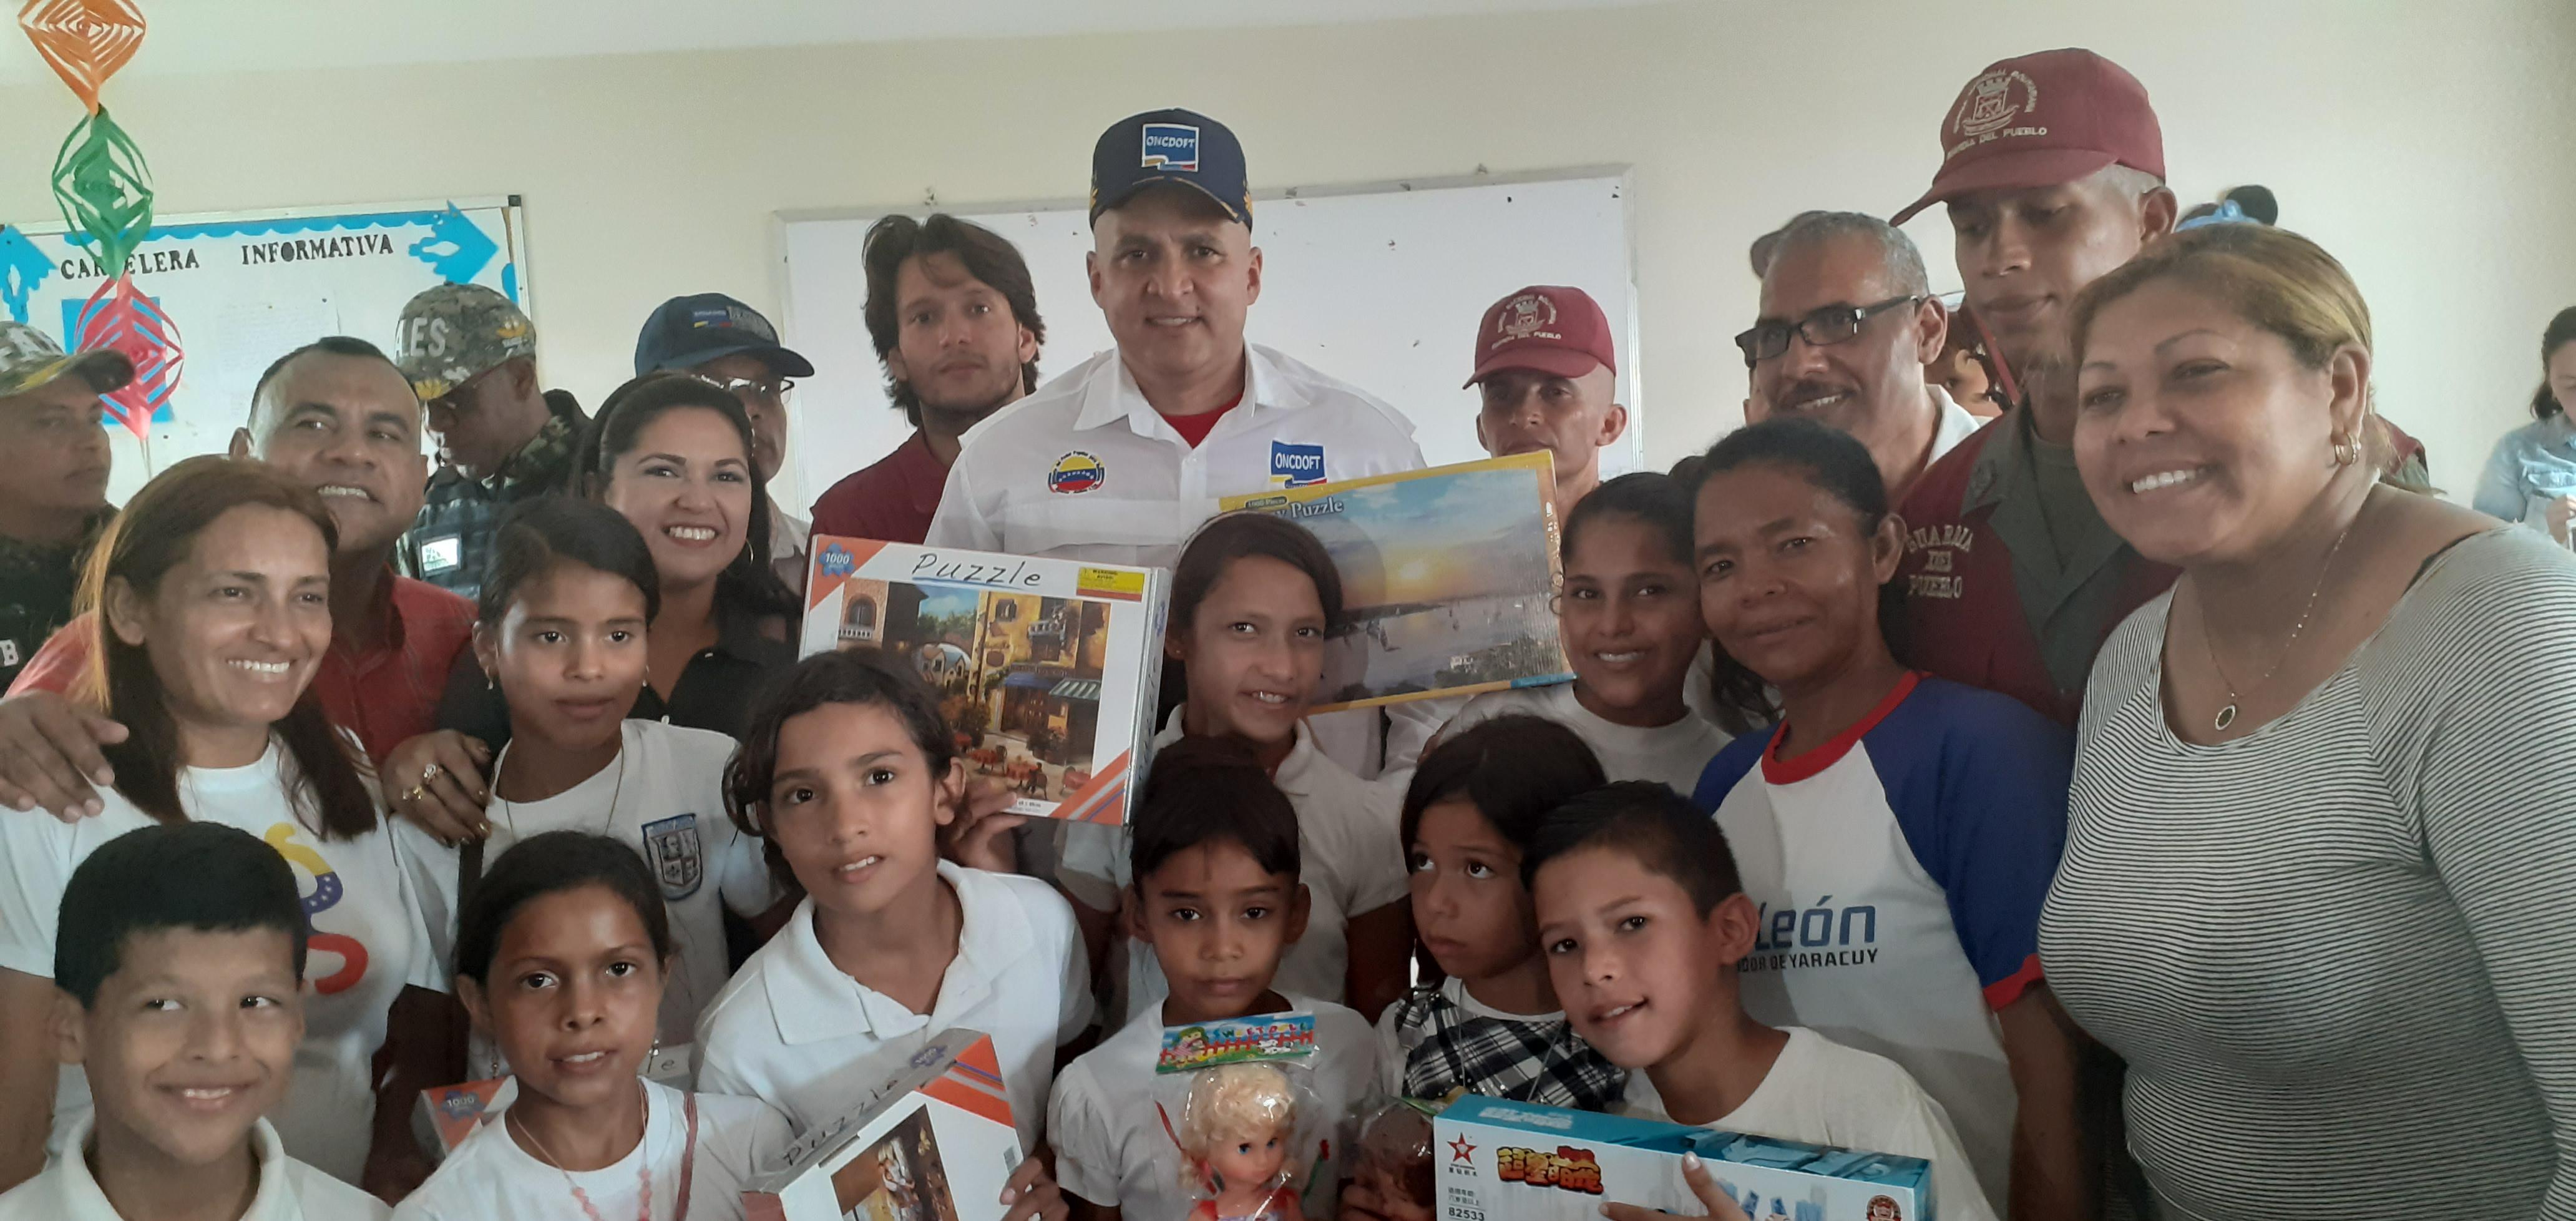 Frente Preventivo entrega juguetes a niños de la Base de Misiones Rosa Inés 21 en Yaracuy